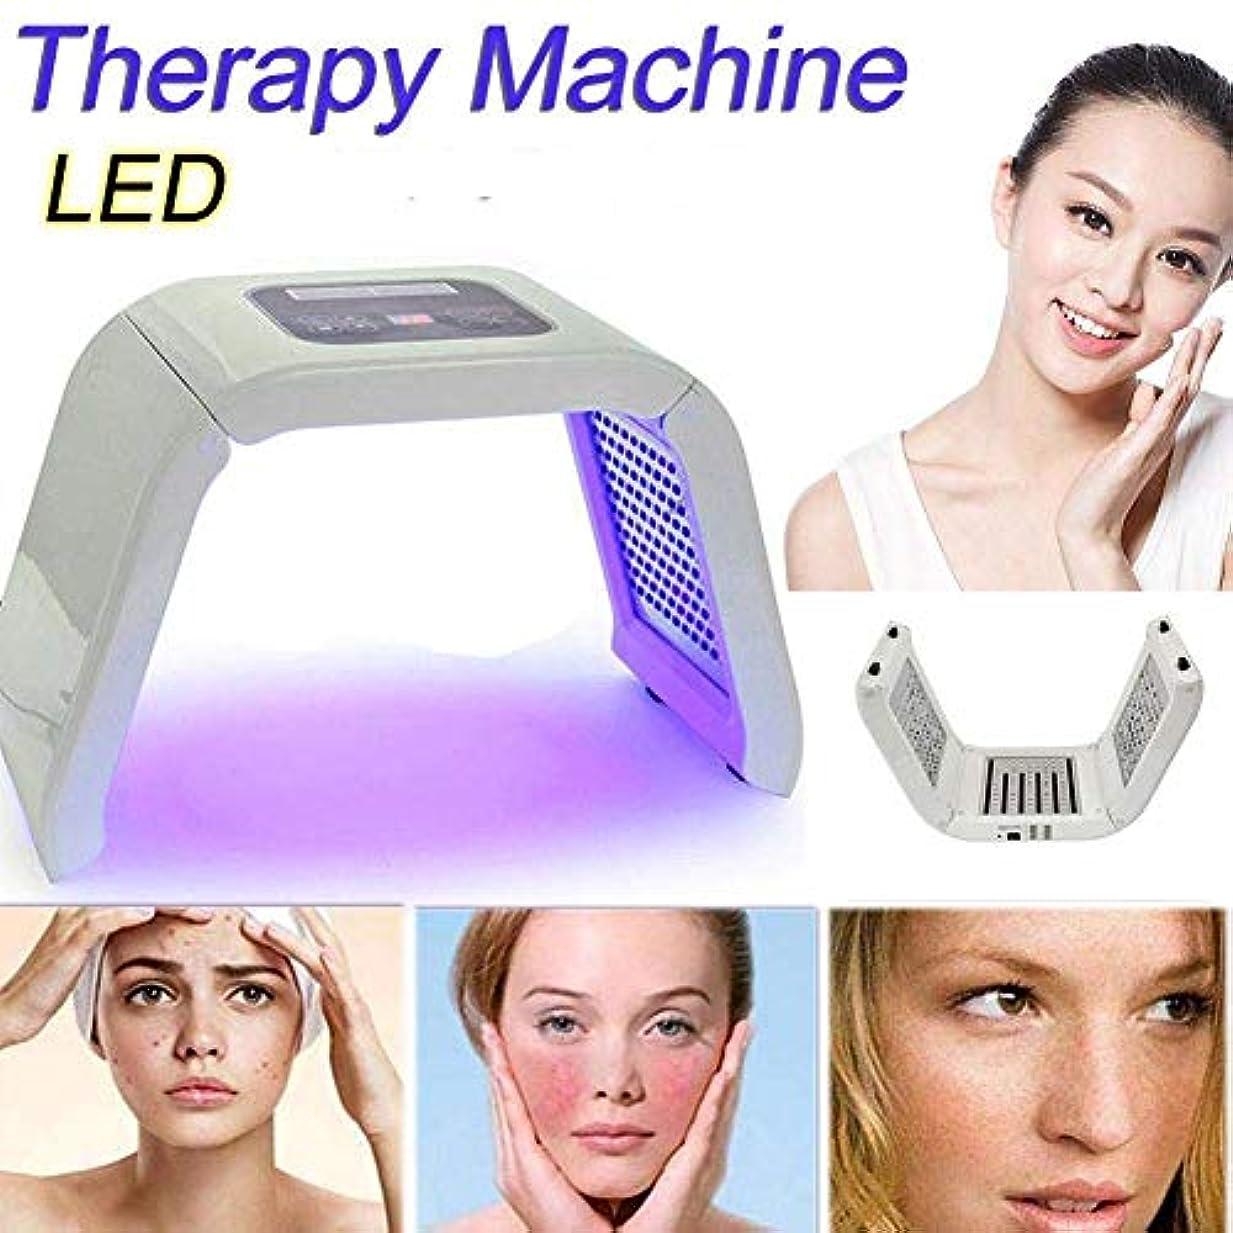 熱外出締める美容肌の若返り機器、ホームサロンSPAマスクのための7色の光美容機、リムーバーアンチリンクル、フェイスネックボディのためのアンチエイジングスキンケアツール、